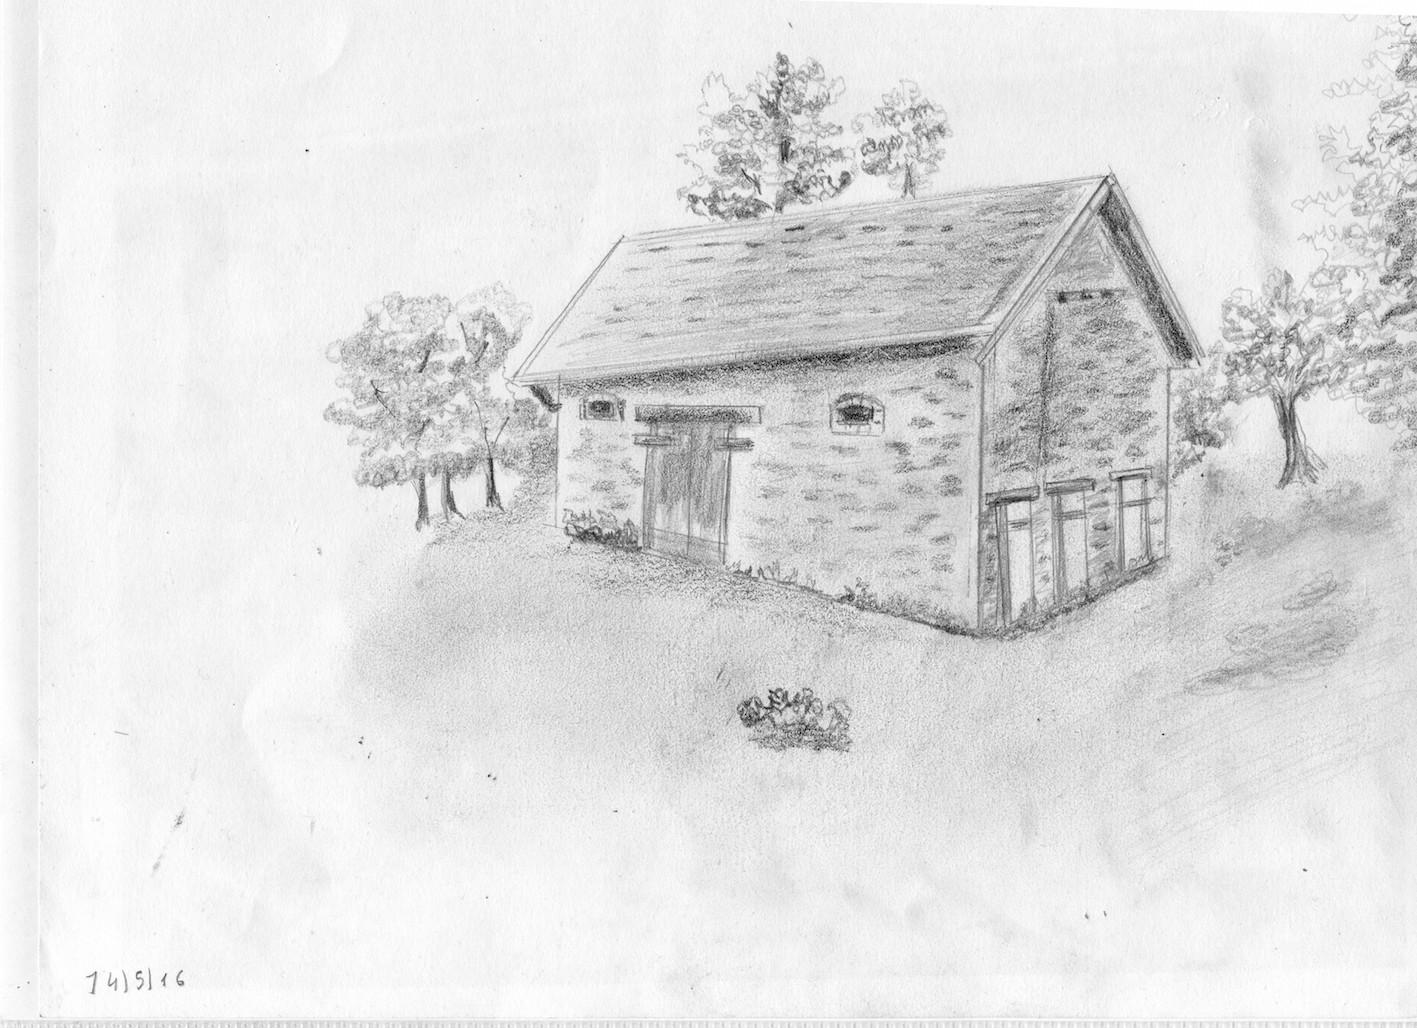 maison 1 dessin no2.jpg